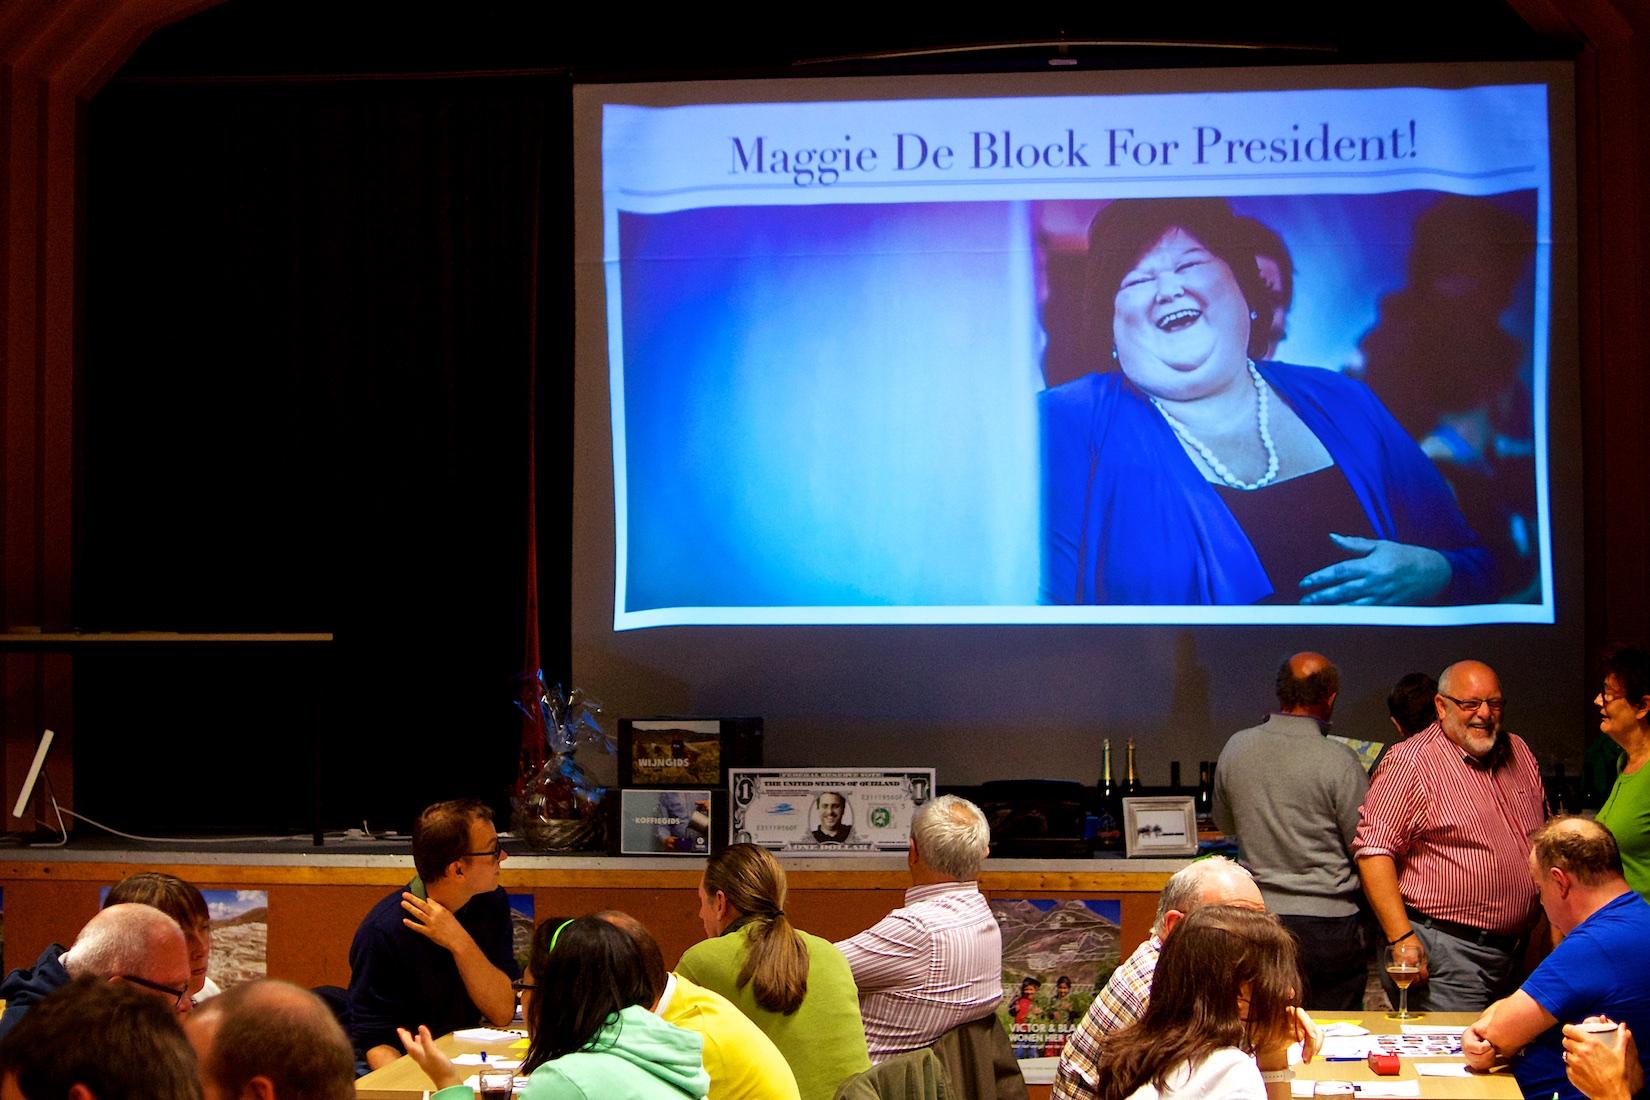 Maggie De Block